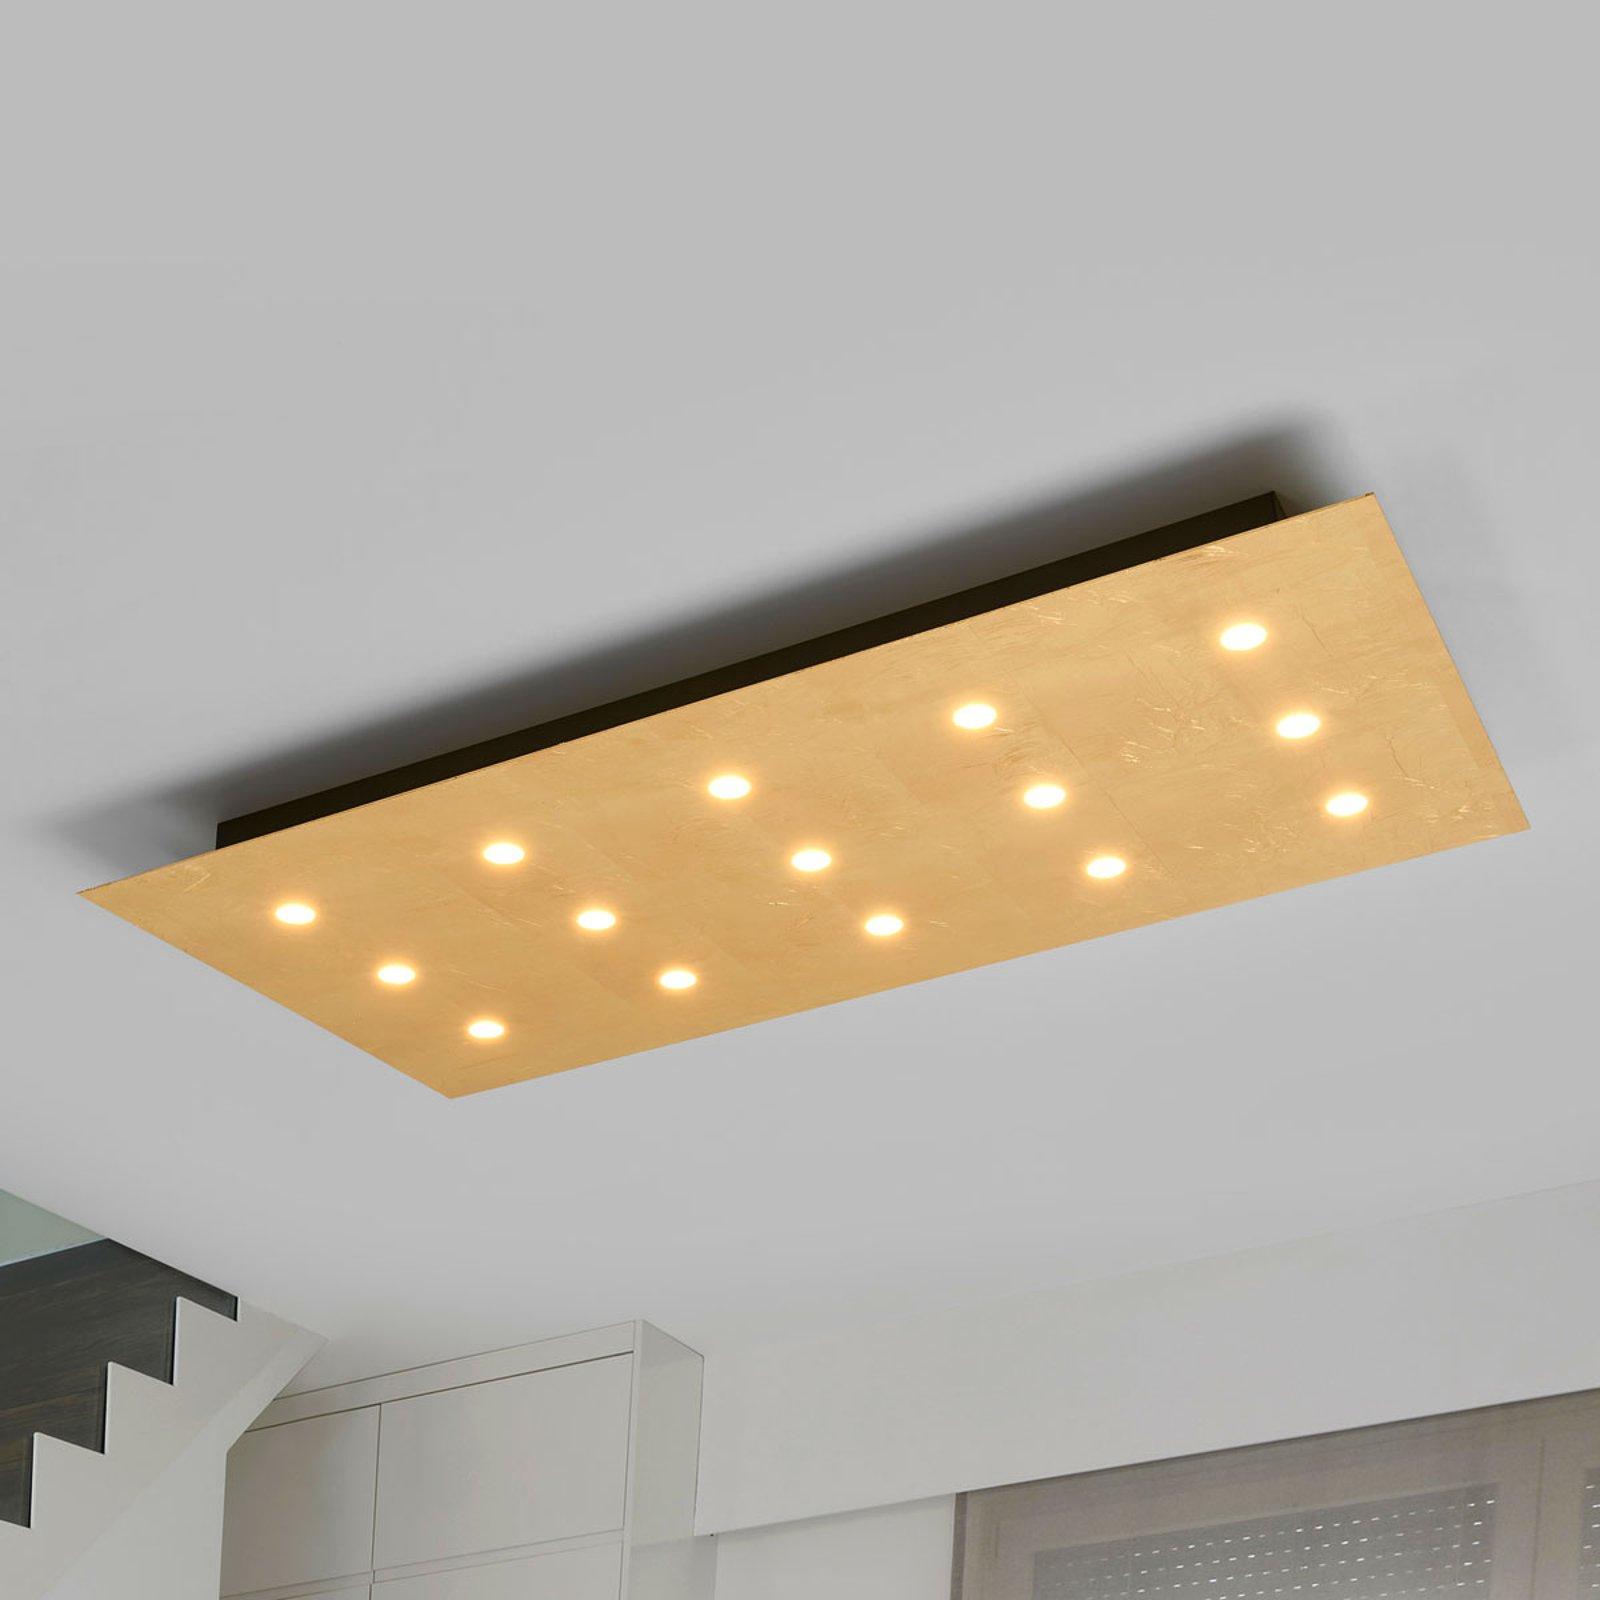 Med 15 LEDs - dimbare taklampe Juri i gull